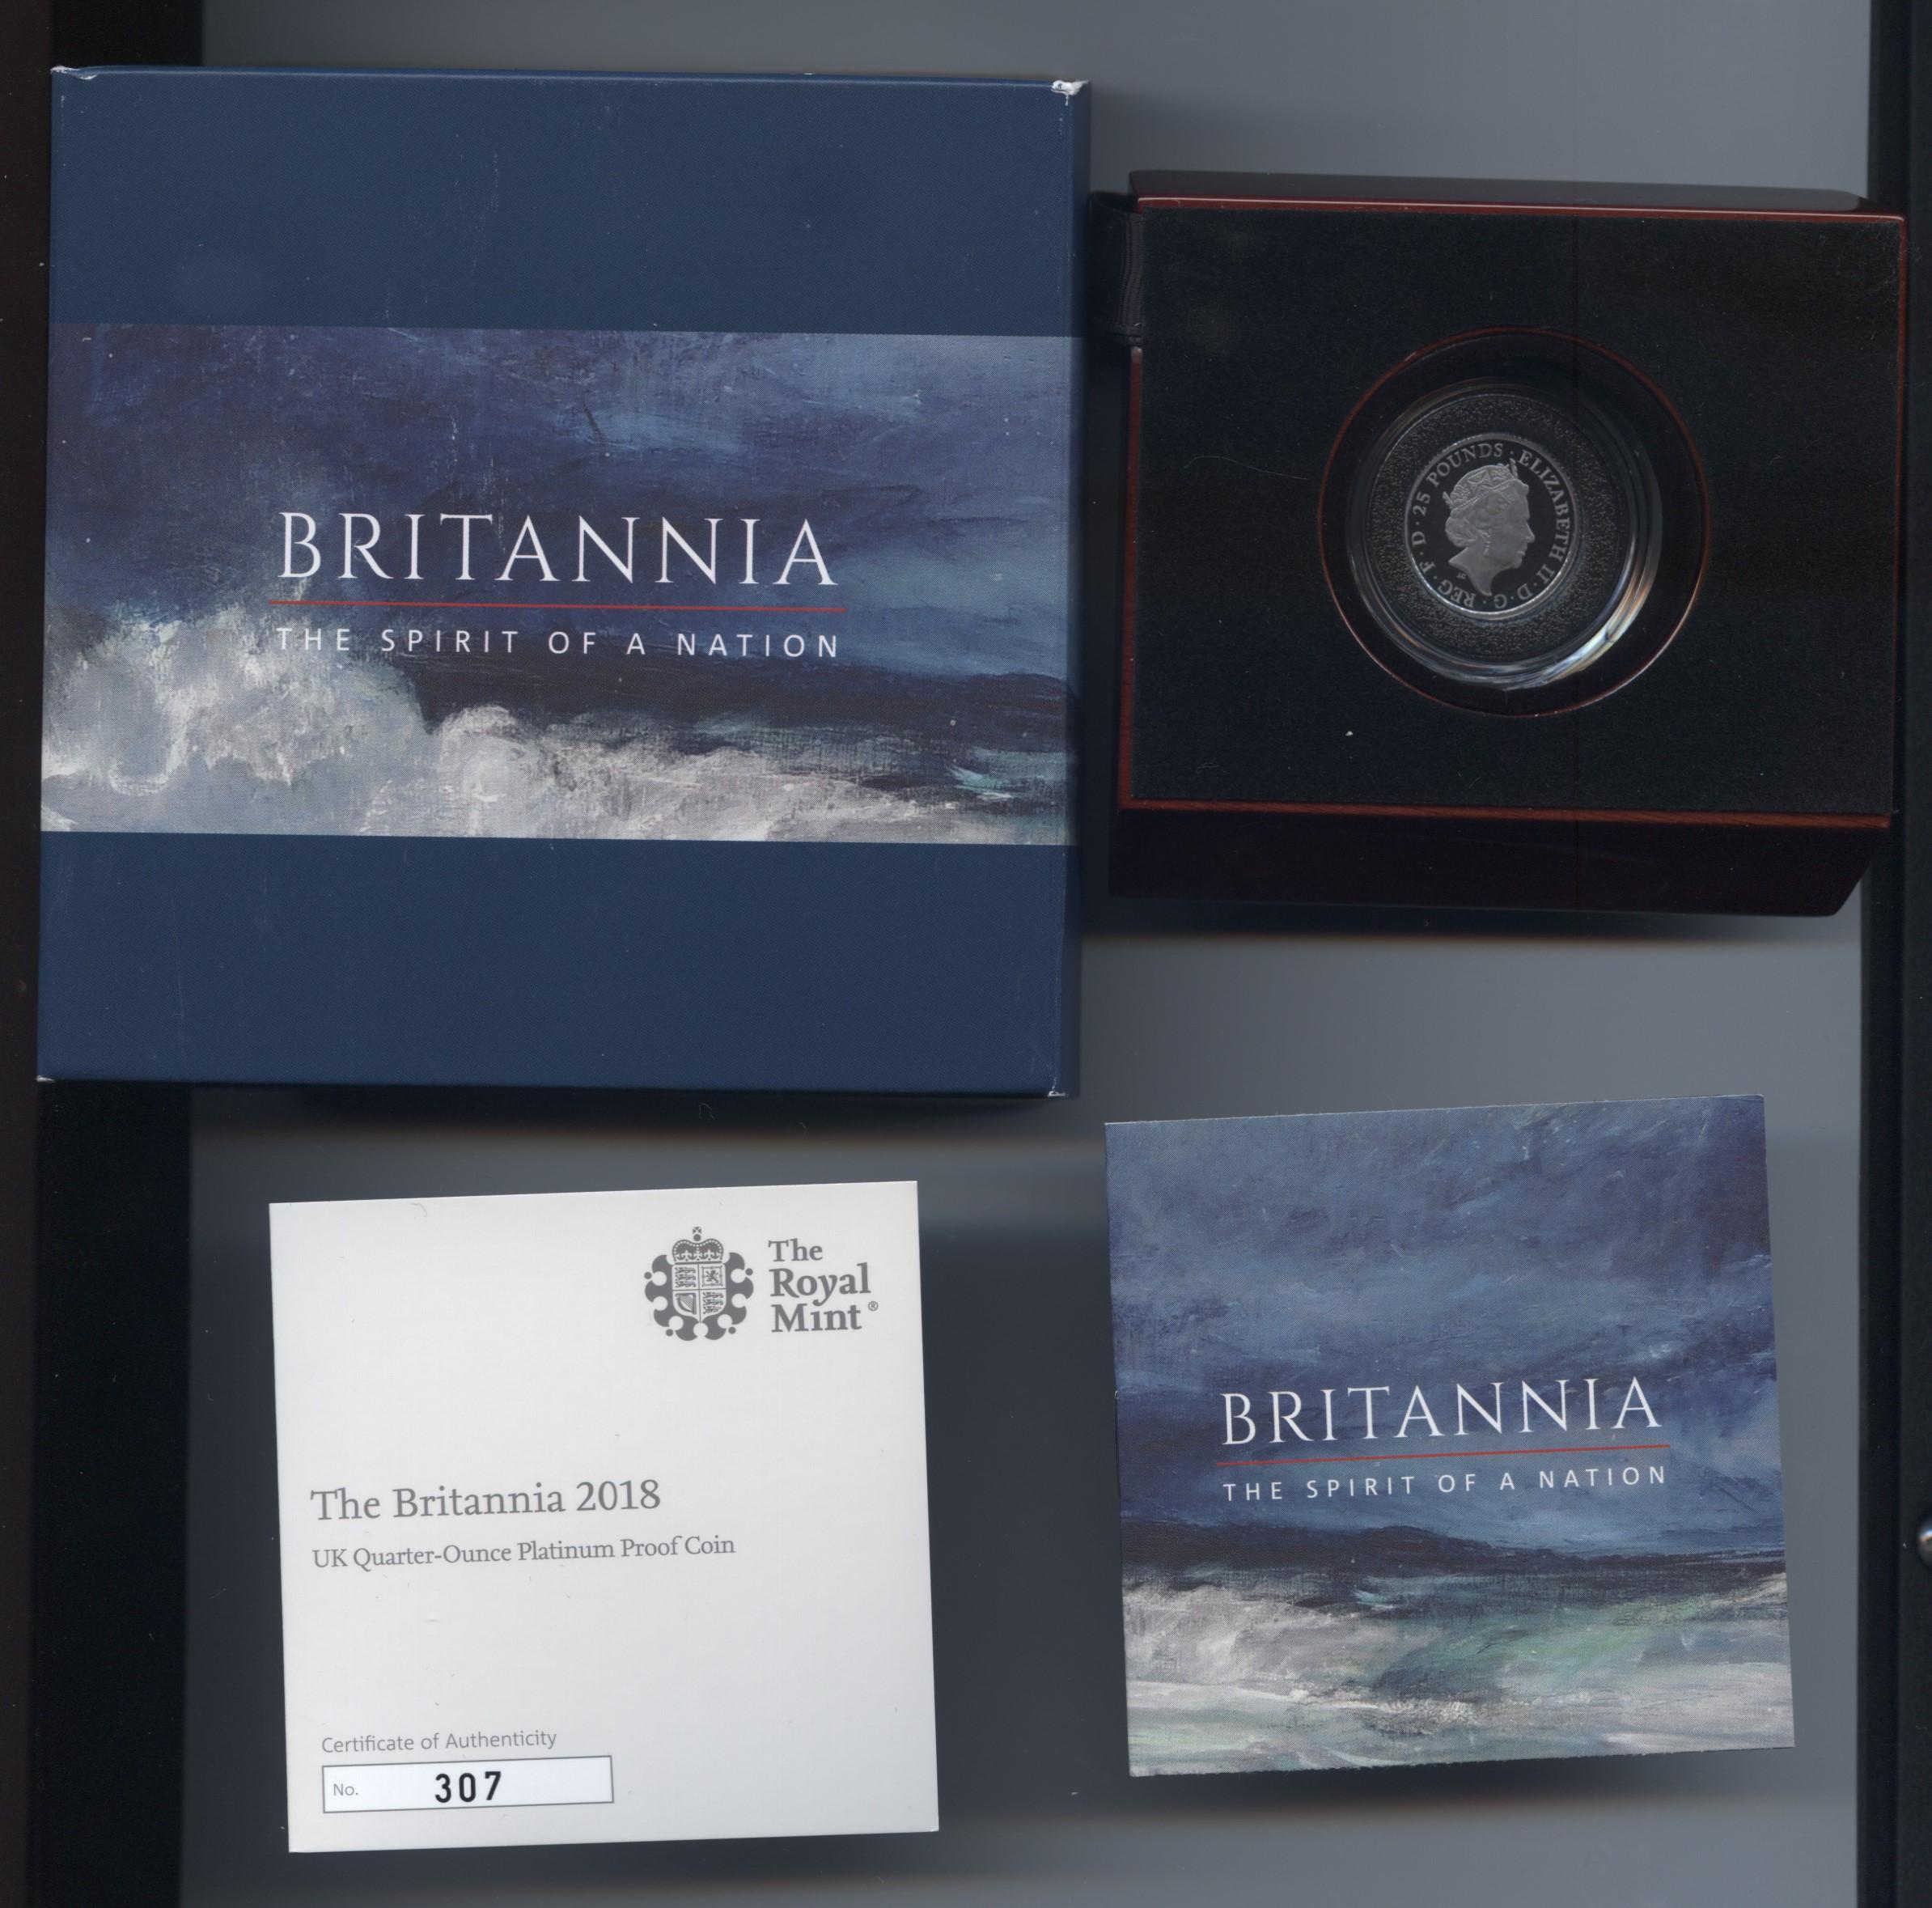 2018 Britannia platinum quarter